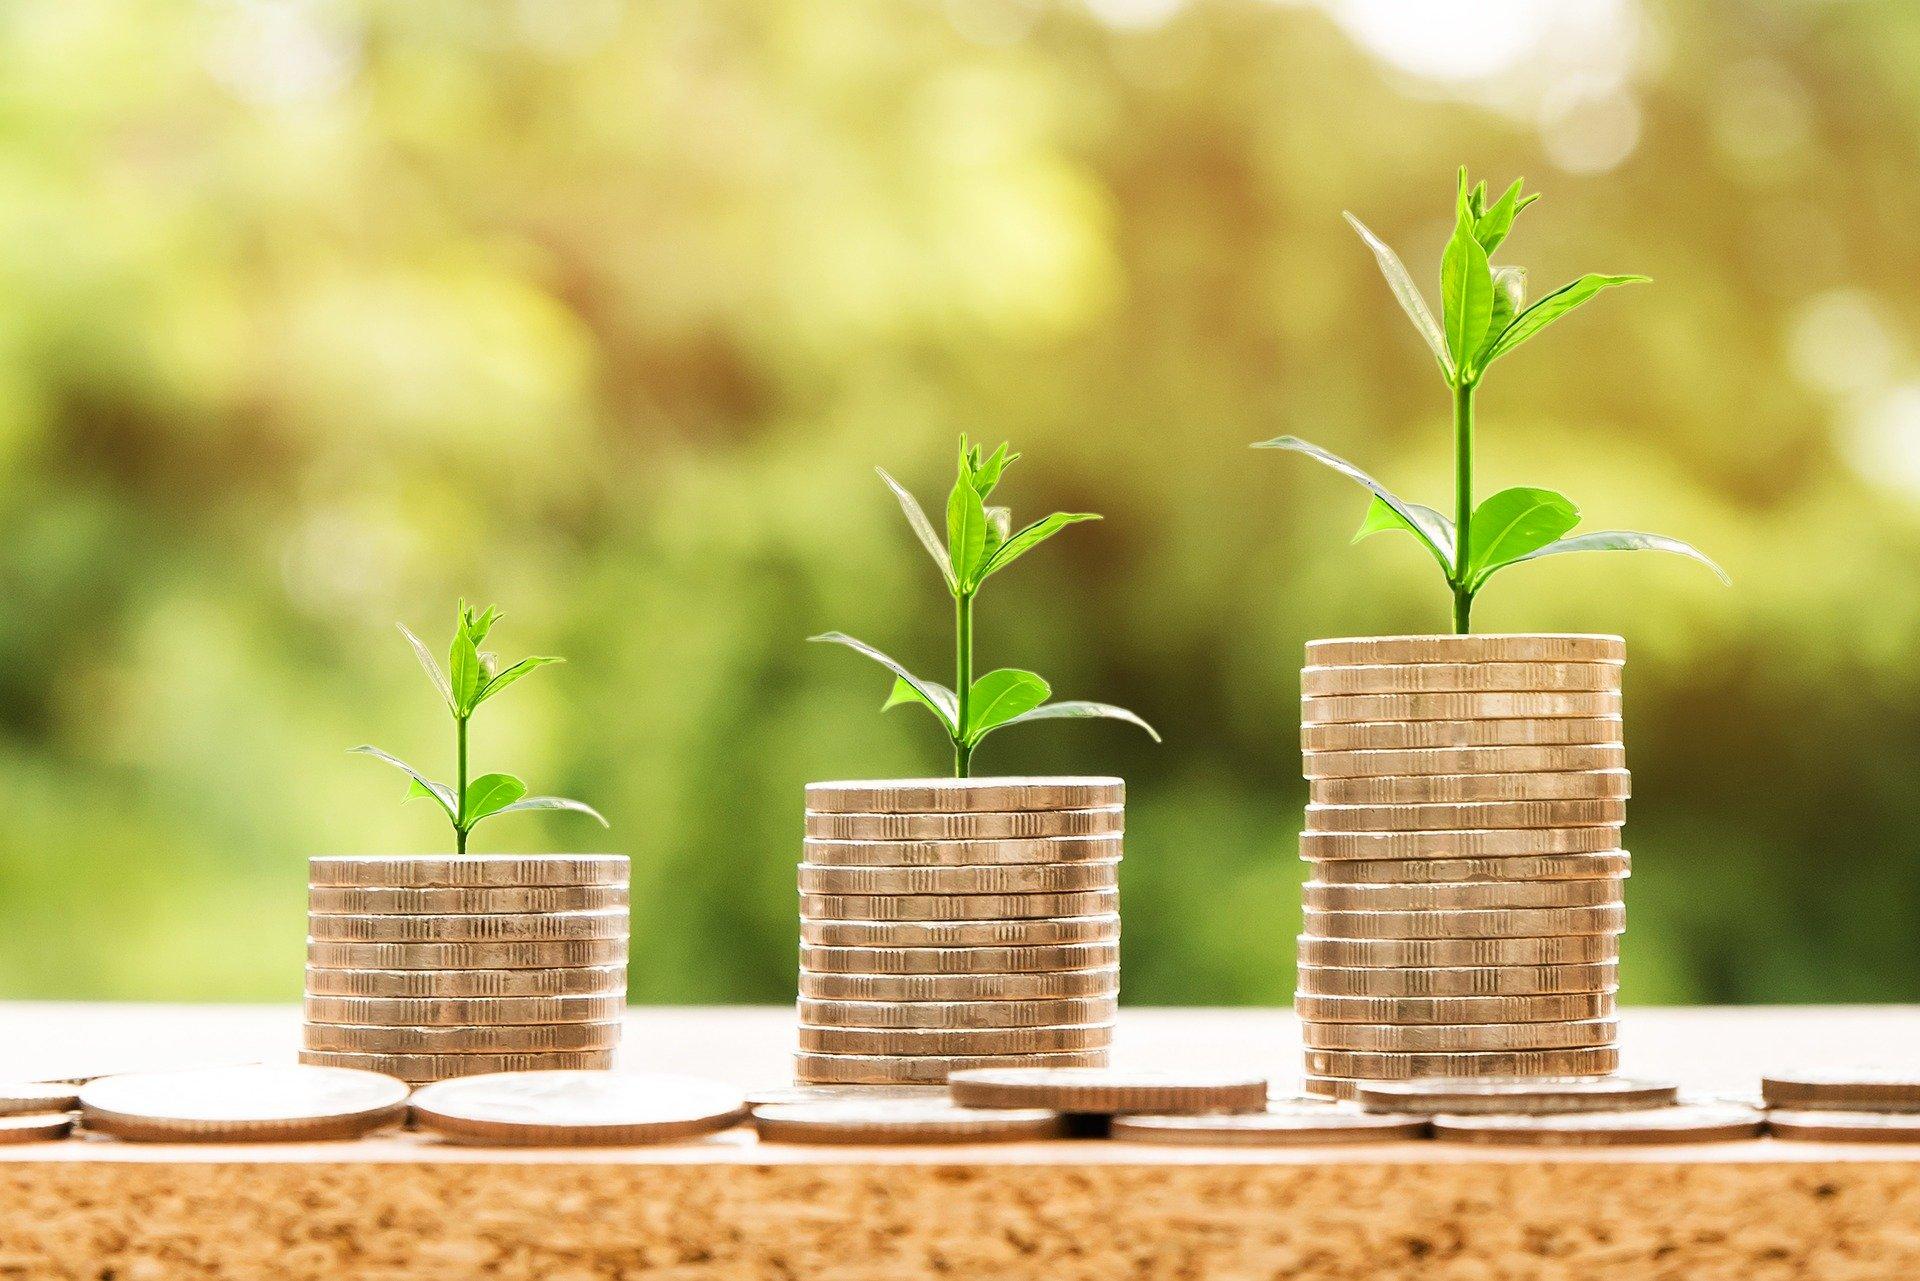 Ein kritischer, aber keineswegs Panik verbreitender Blick auf unsere Finanzen sollte auf keinen Fall die Begründung für Investitionsstau liefern und zu unreflektierter Ressourcenverschwendung führen!